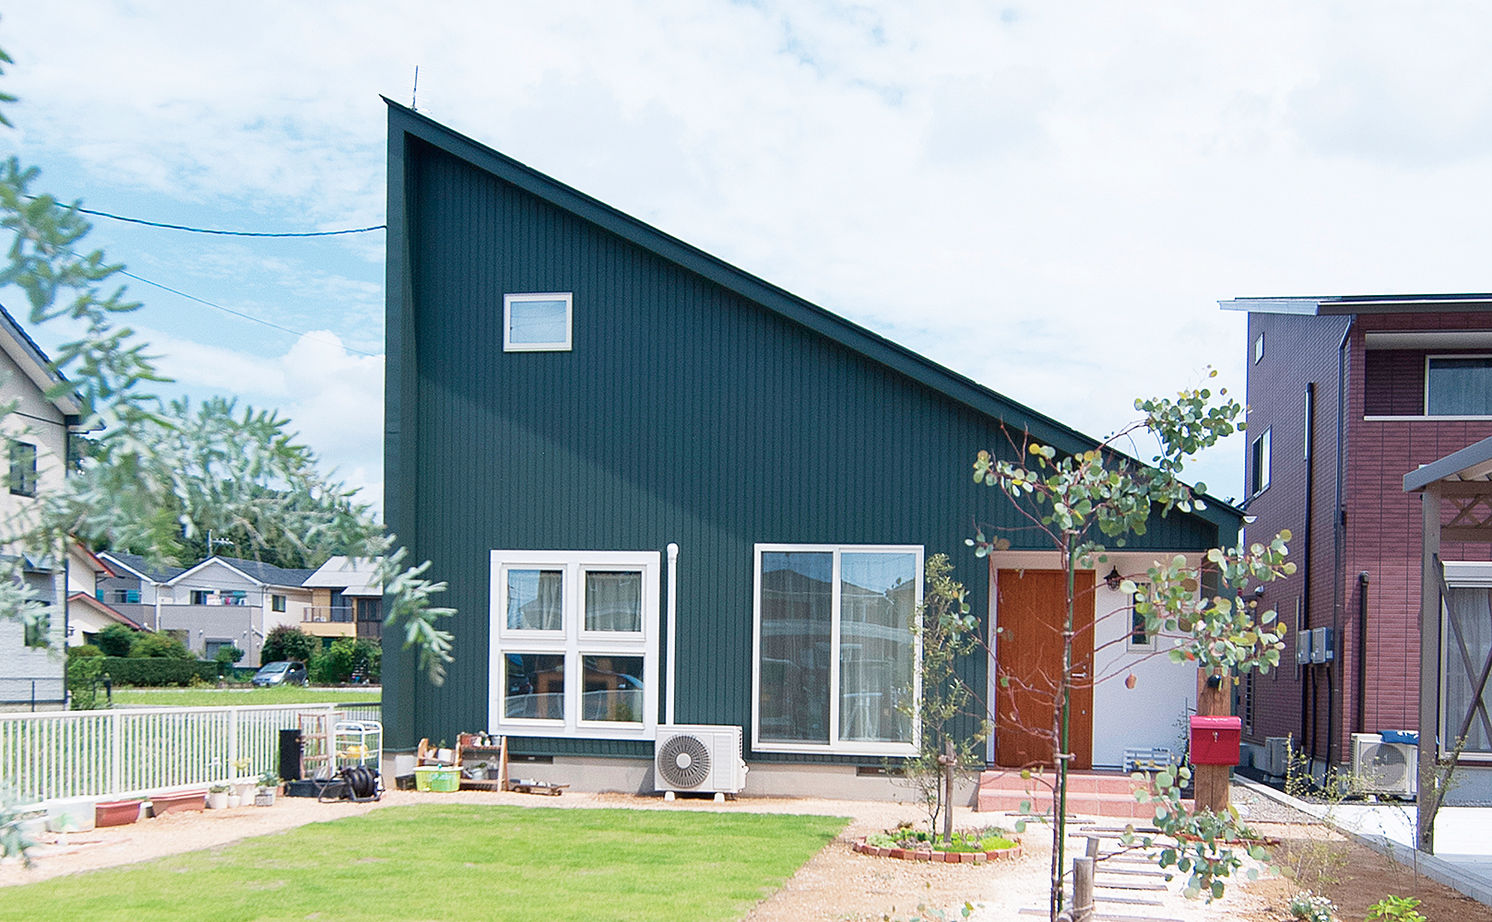 【平屋風×造作家具】手仕事が大好きな夫妻が選んだ、家具までハンドメイドの平屋風の住まい画像1